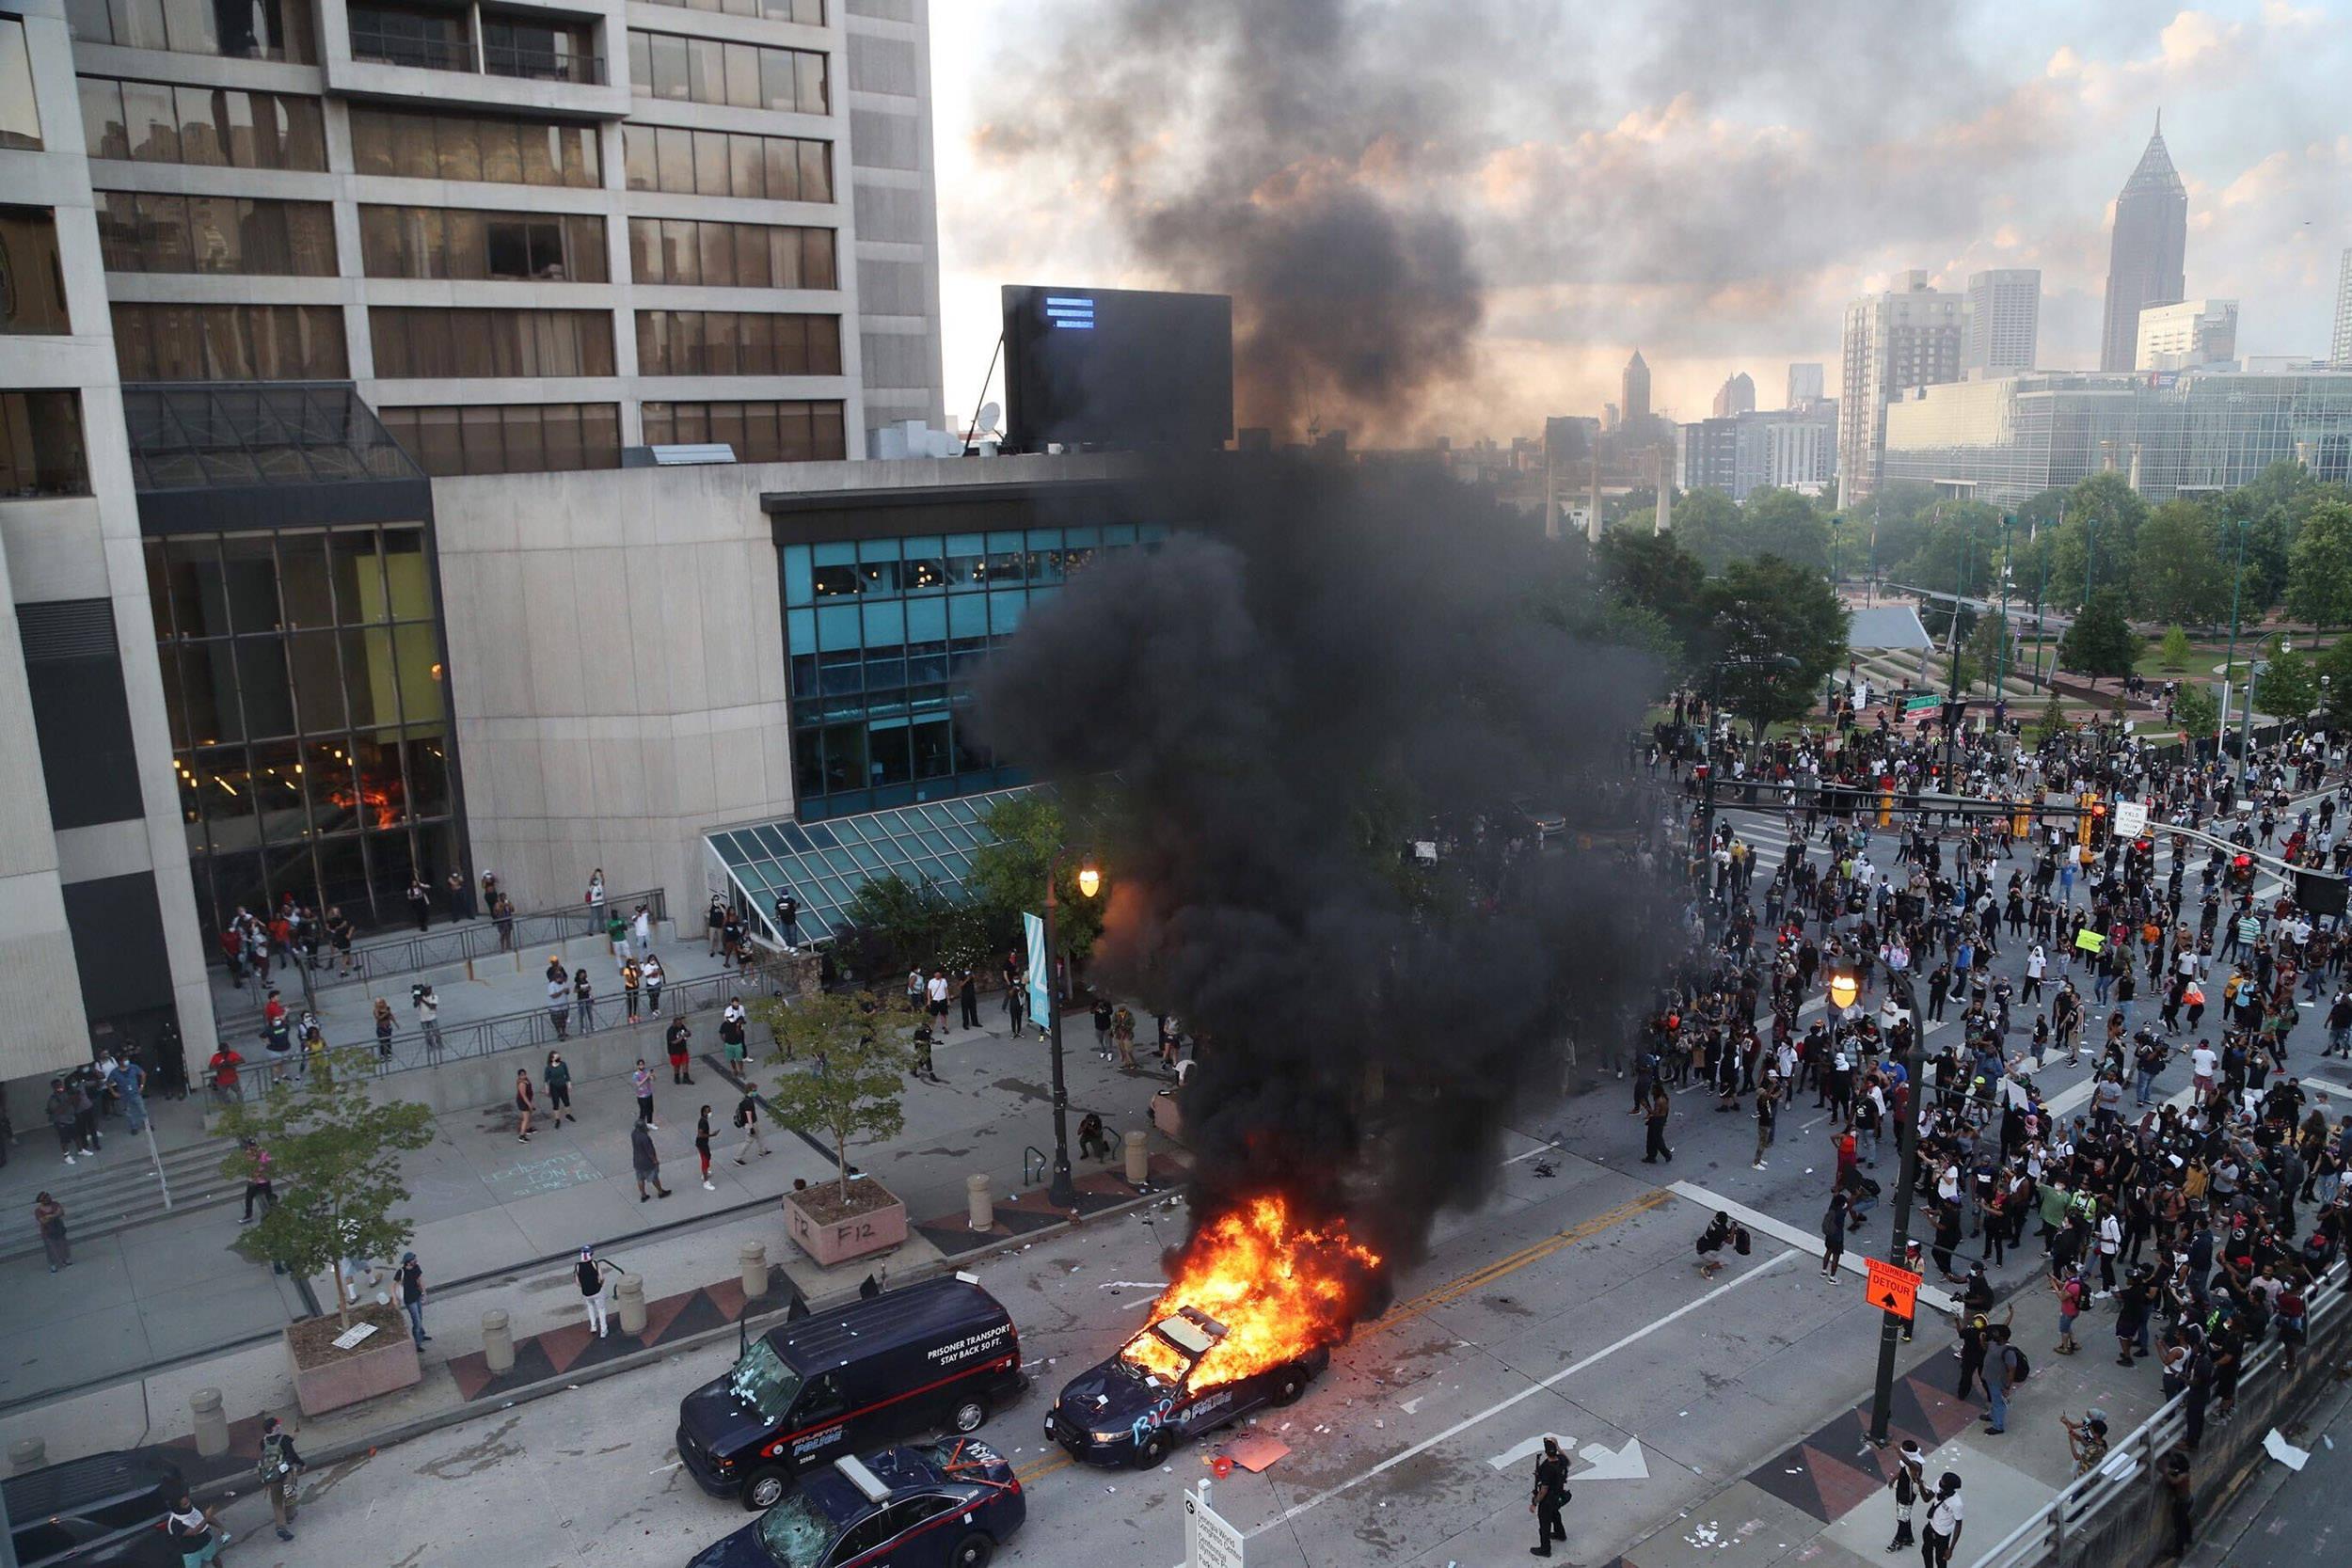 百万牛拼三张房卡怎么买:抗议愈演愈烈!美国示威者砸CNN大楼焚烧国旗 警方出动装甲车